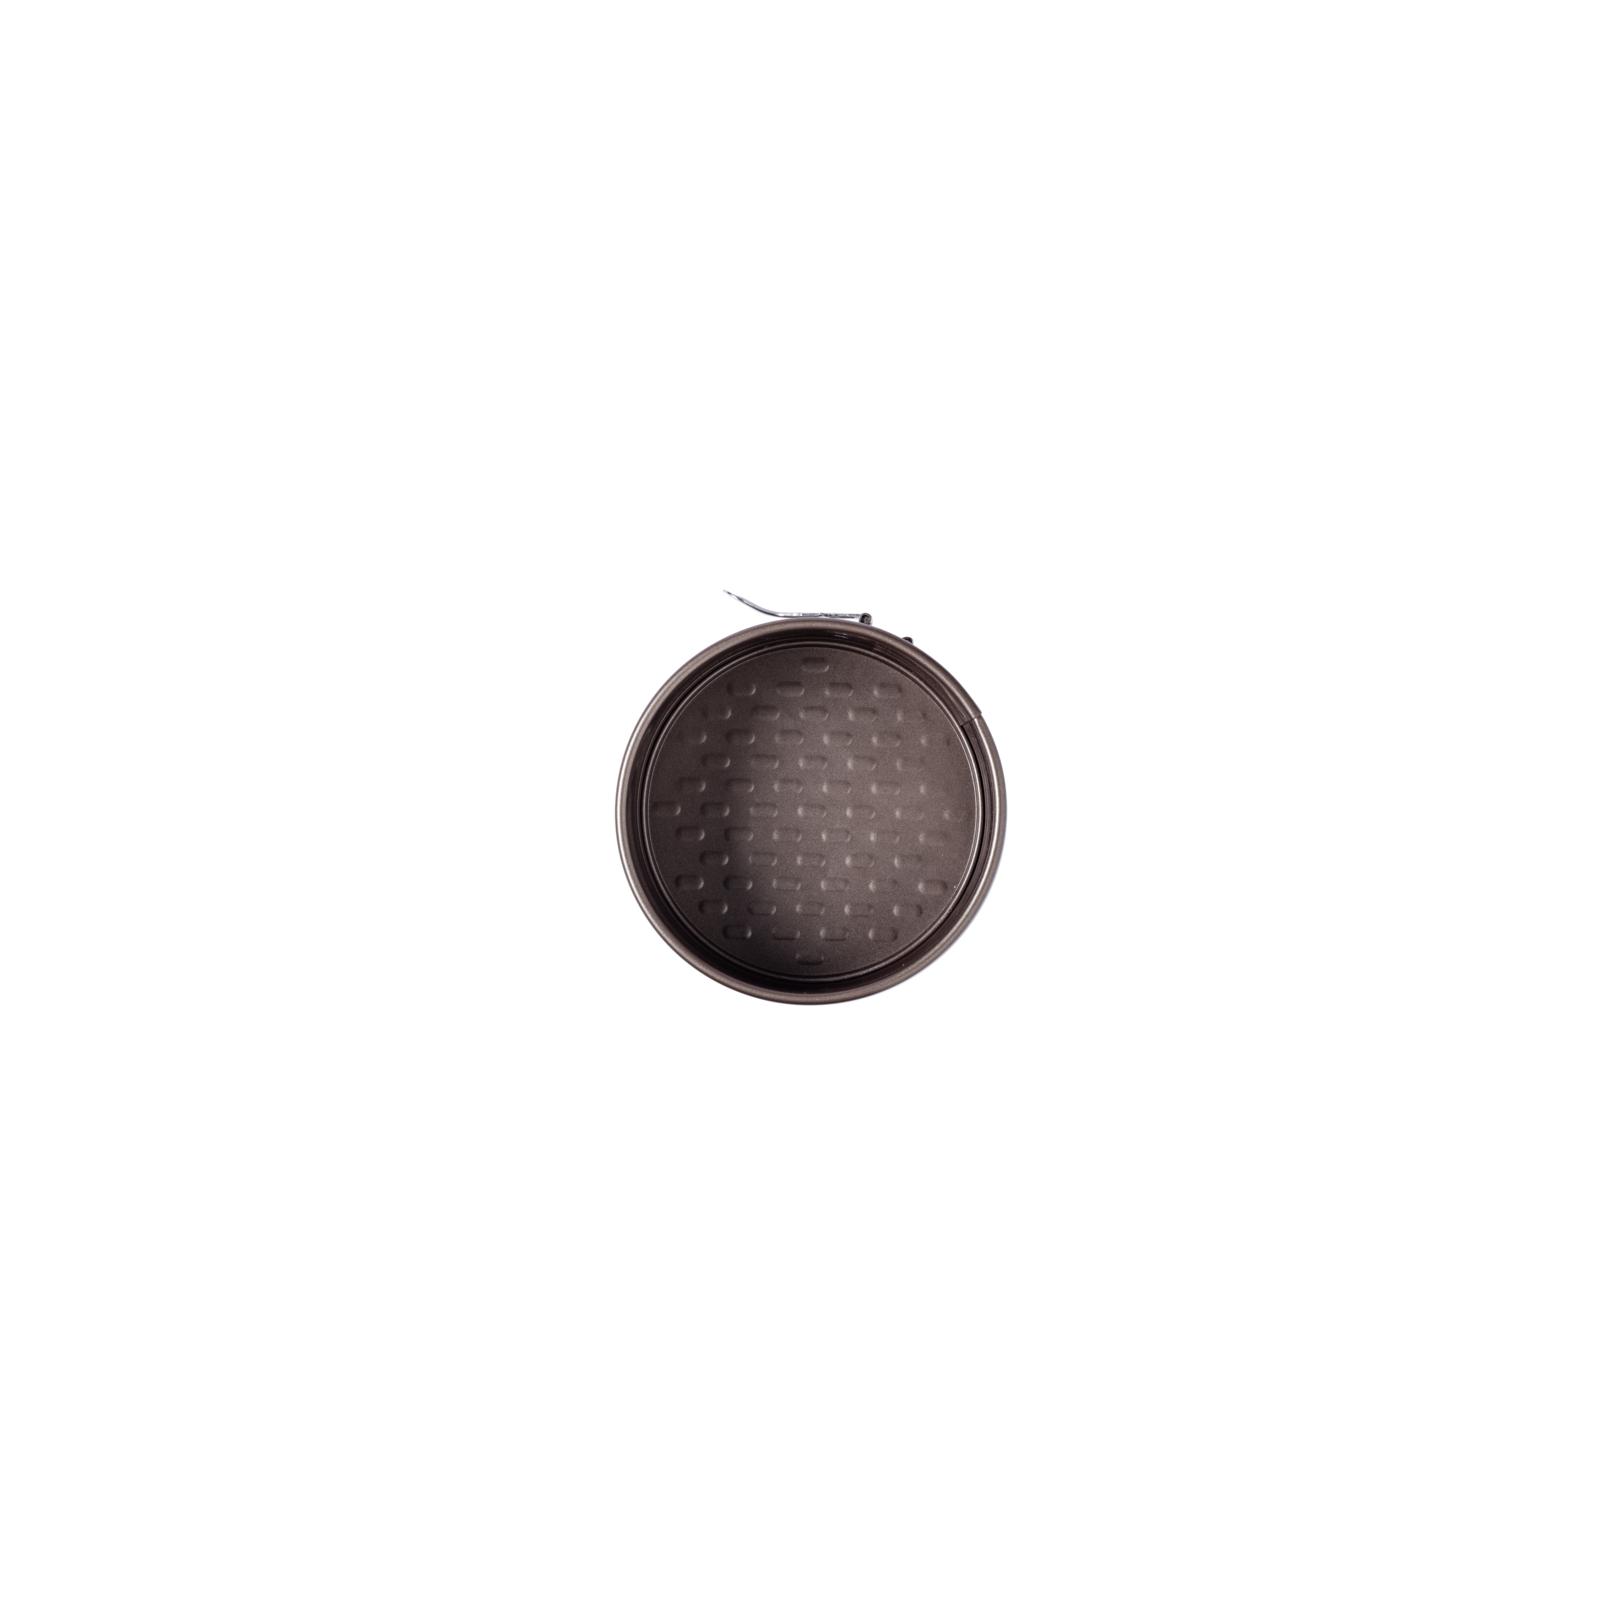 Форма для выпечки Pyrex Asimetria разъемная 14 см (AS14BS0) изображение 2